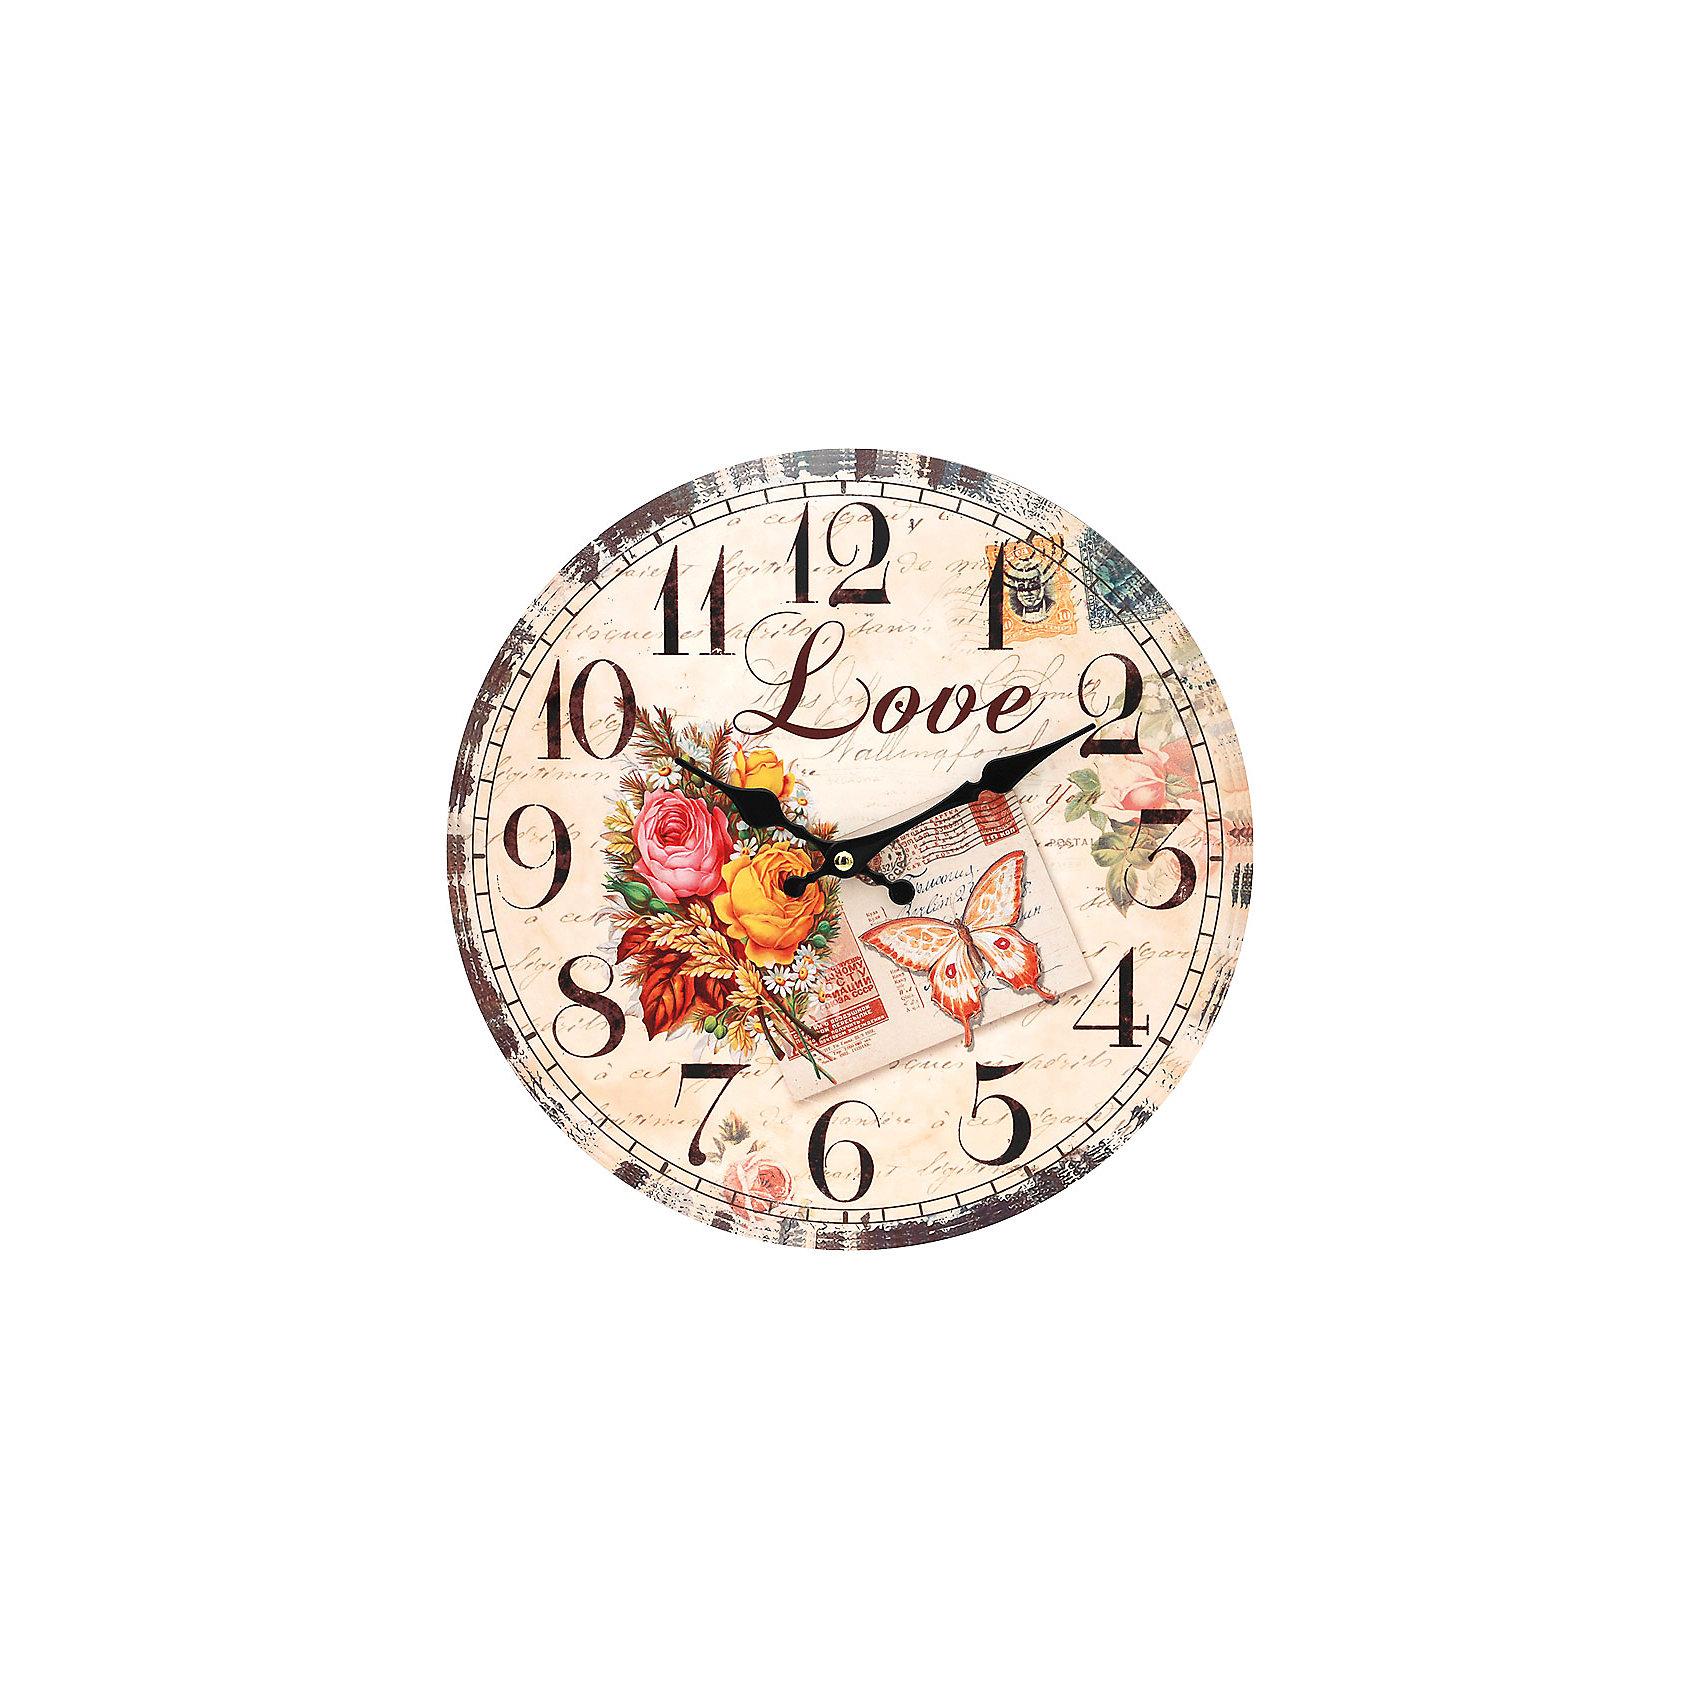 Часы настенные Любовь, диаметр 34 смПредметы интерьера<br>Часы настенные Любовь, диаметр 34 см.<br><br>Характеристики:<br><br>- Диаметр: 34 см.<br>- Две стрелки часовая и минутная<br>- Батарейка: 1 типа АА (в комплект не входит)<br>- Цвет: бежевый, бледно-розовый, кремовый<br>- Упаковка картонная коробка<br><br>Кварцевые настенные часы с механизмом плавного хода помимо своего прямого назначения – показывать точное время – станут важным элементом декора Вашего дома, квартиры или офиса. Открытый циферблат часов выполнен из листа оргалита с декоративным покрытием, оформлен изображением цветочной композиции. Часовая и минутная стрелки металлические. Часовой механизм закрыт пластиковым корпусом. Часы будут стильным акцентом в интерьере и создадут дополнительный уют и хорошее настроение.<br><br>Часы настенные Любовь, диаметр 34 см можно купить в нашем интернет-магазине.<br><br>Ширина мм: 345<br>Глубина мм: 340<br>Высота мм: 45<br>Вес г: 2500<br>Возраст от месяцев: 72<br>Возраст до месяцев: 144<br>Пол: Унисекс<br>Возраст: Детский<br>SKU: 5089827